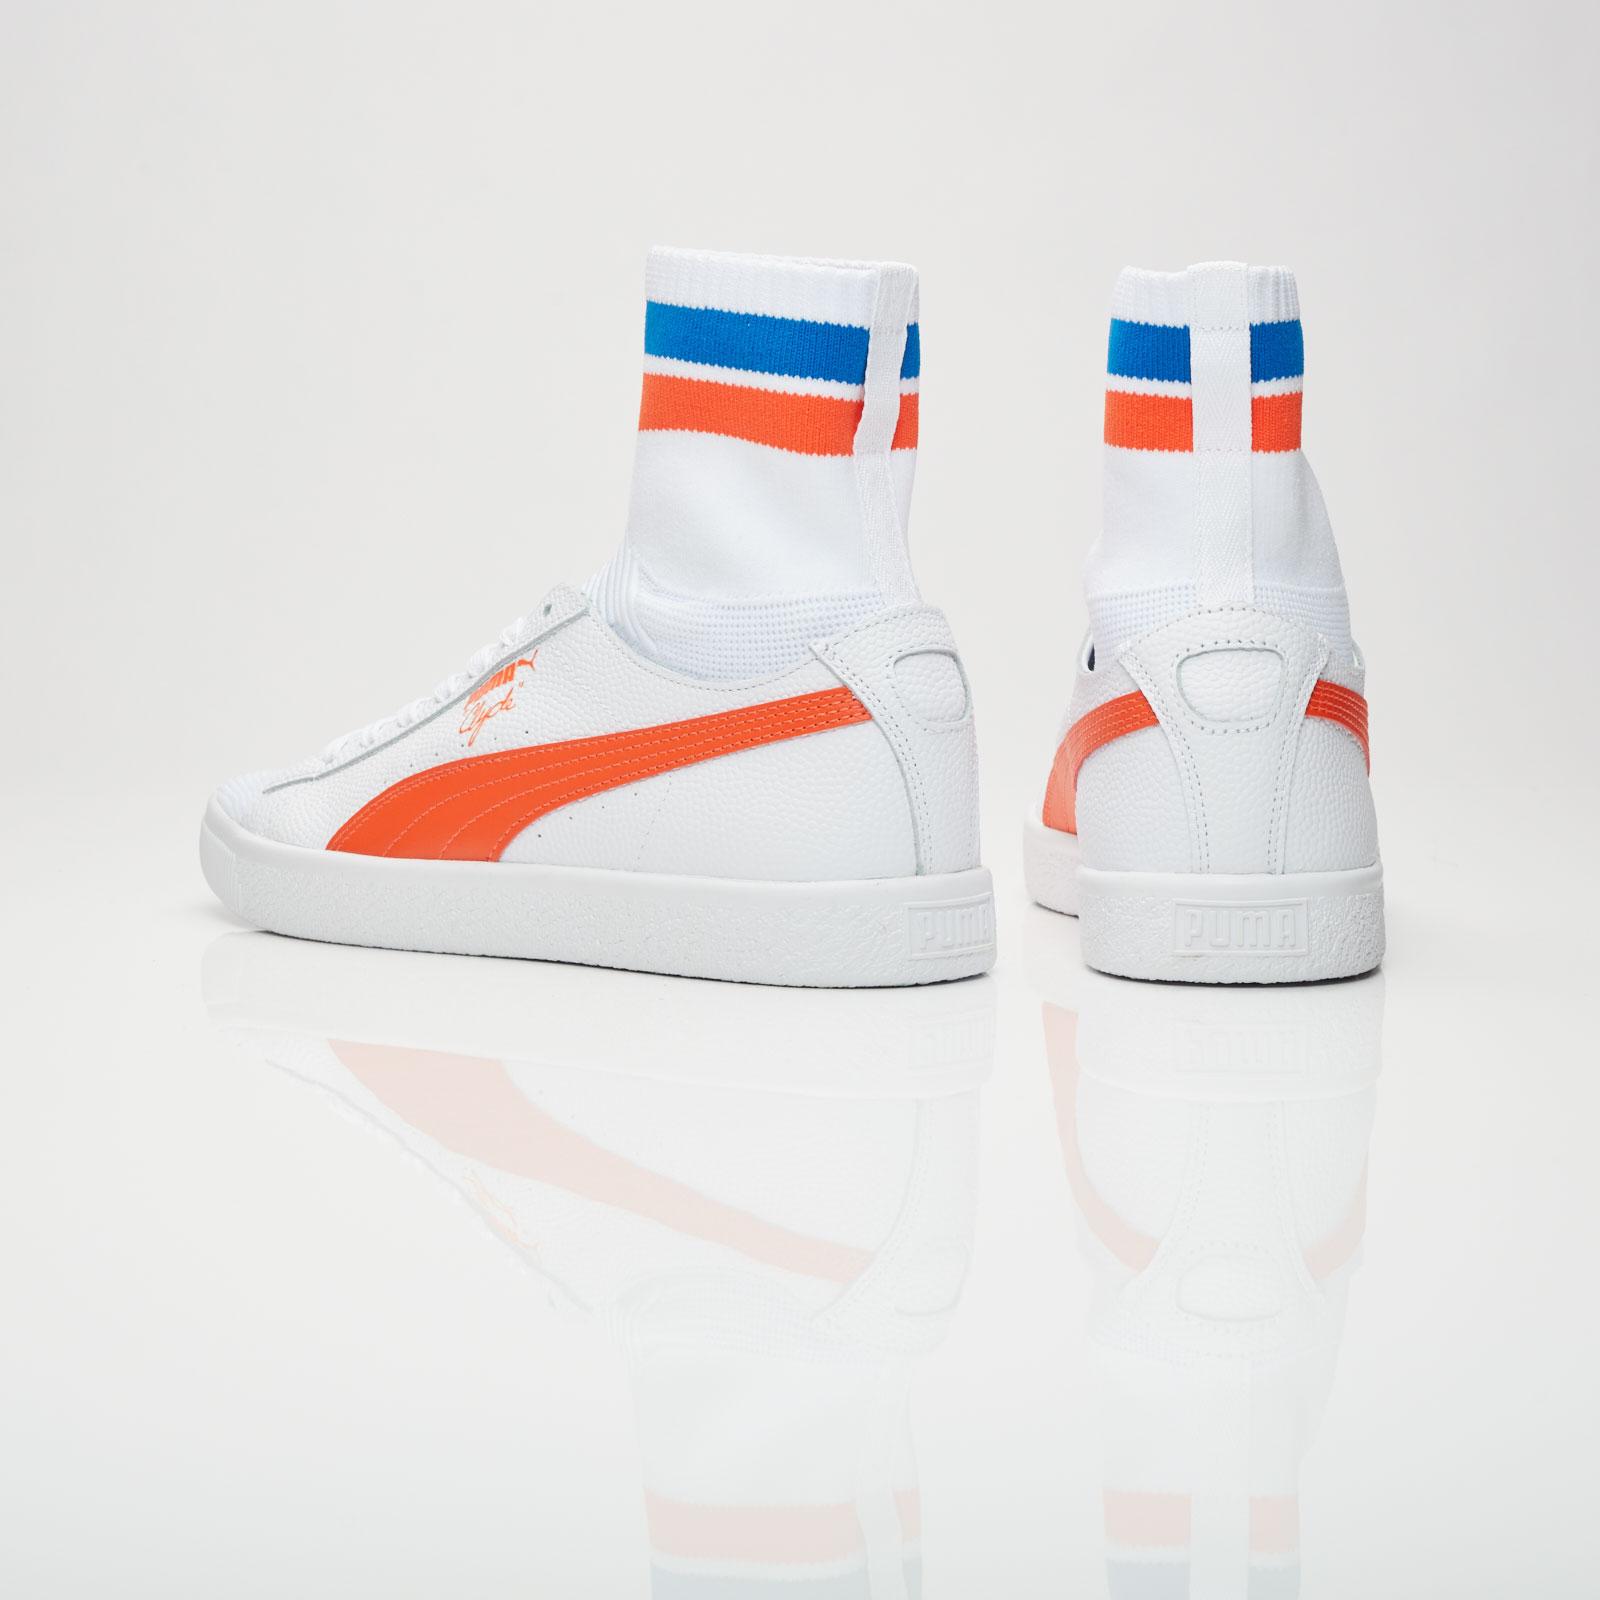 Puma Clyde Sock NYC - 364948-04 - Sneakersnstuff  36d8122ad